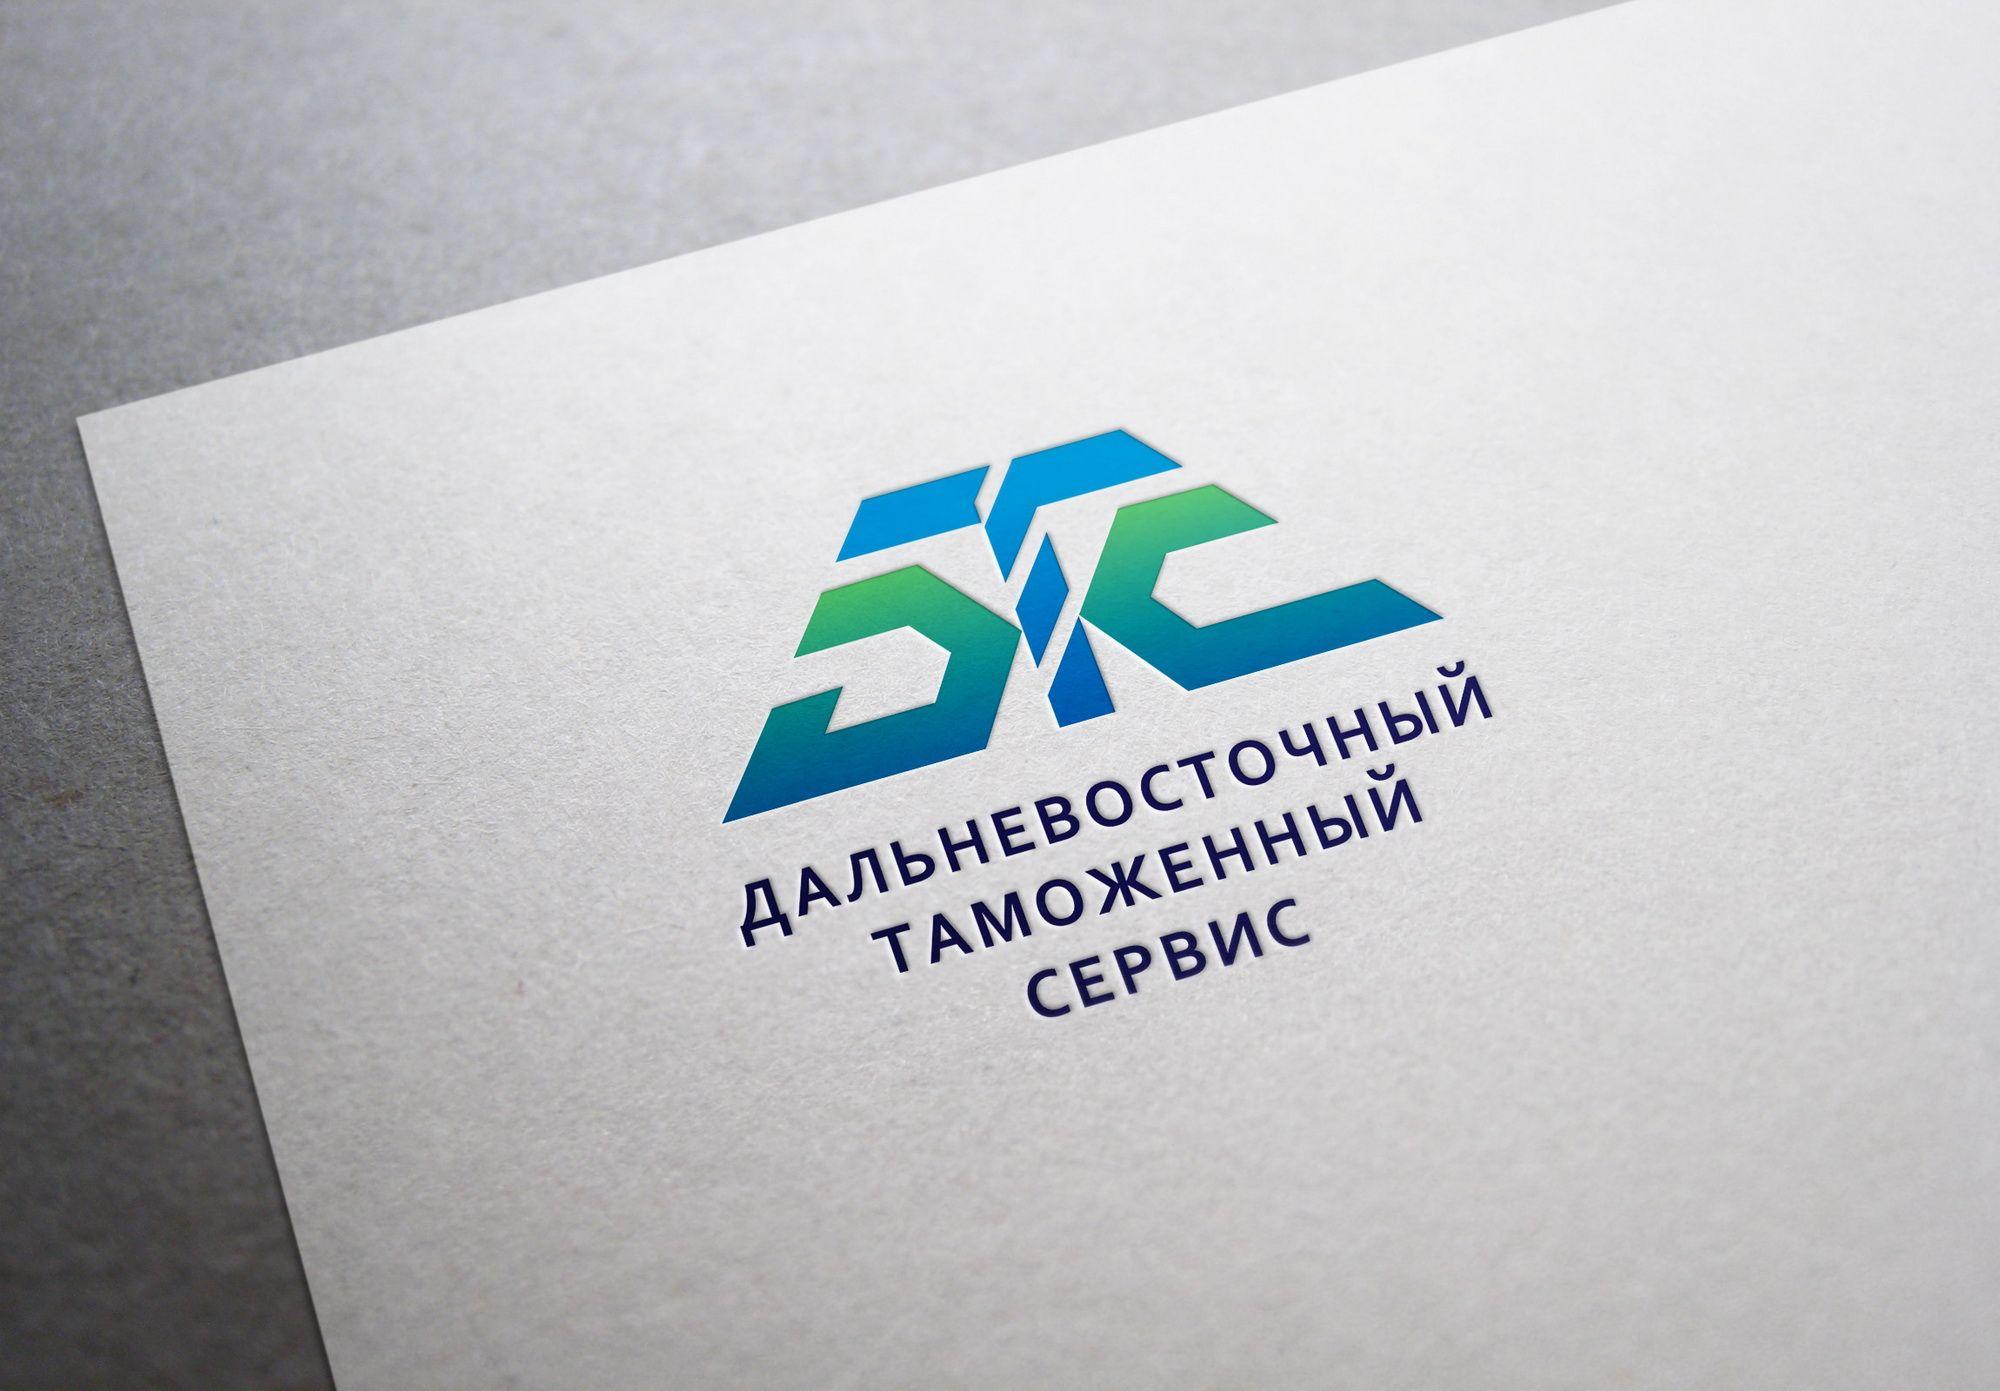 Логотип знак фирменные цвета для компании ДВТС   - дизайнер 25angel05